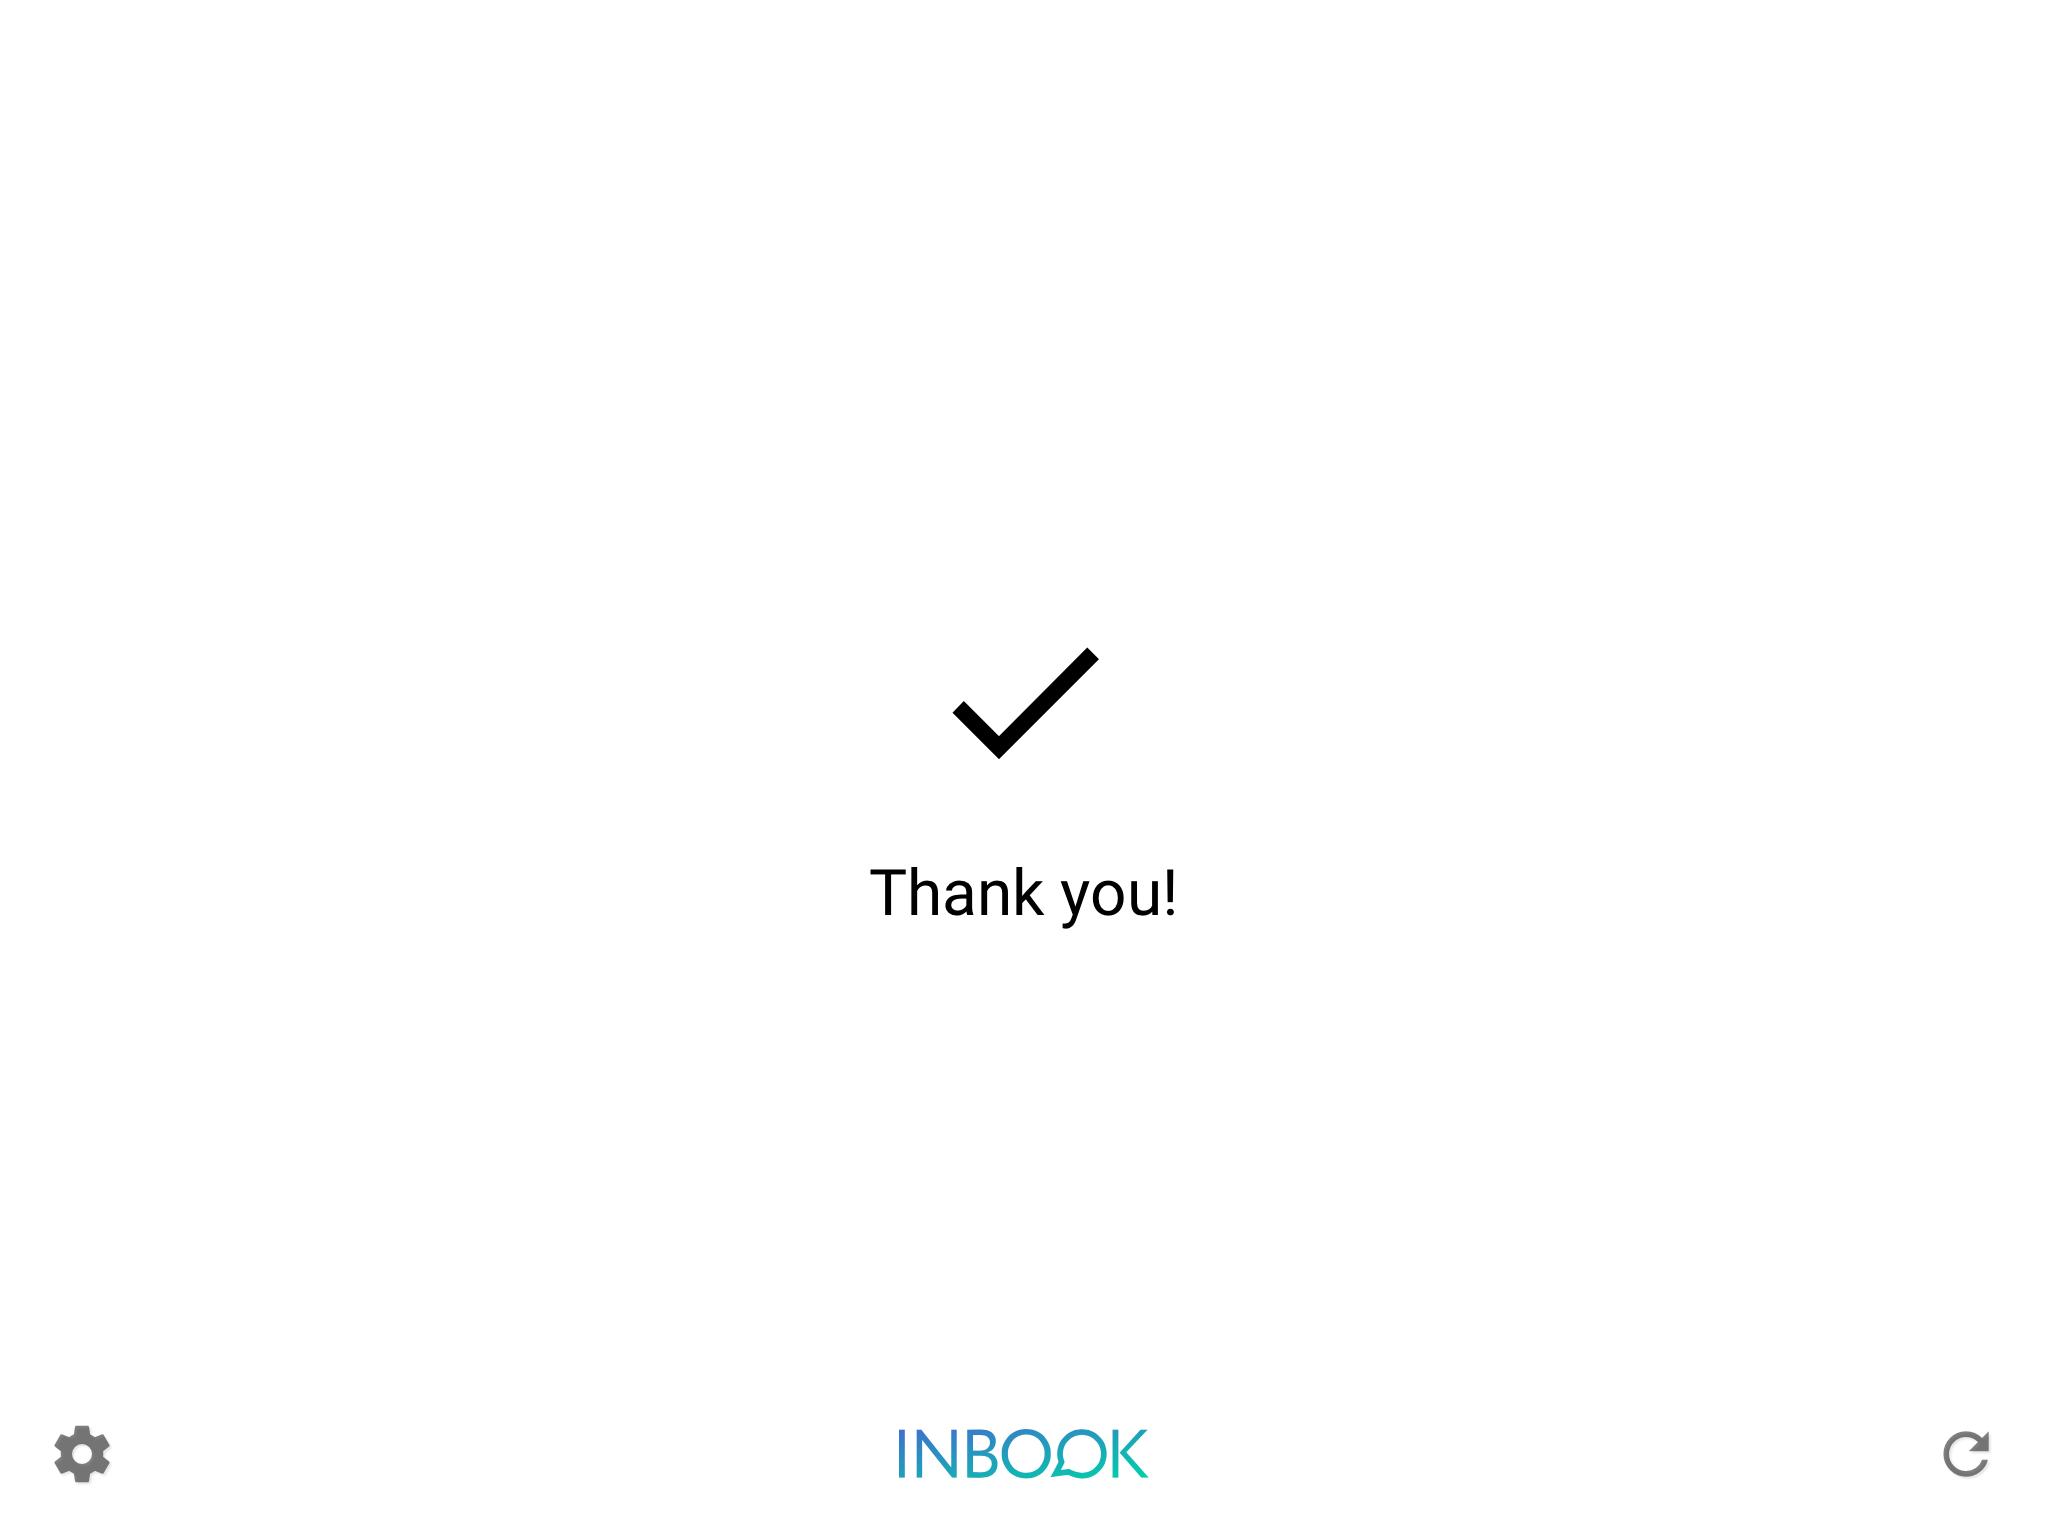 INBOOK Software - Sample survey completion screen